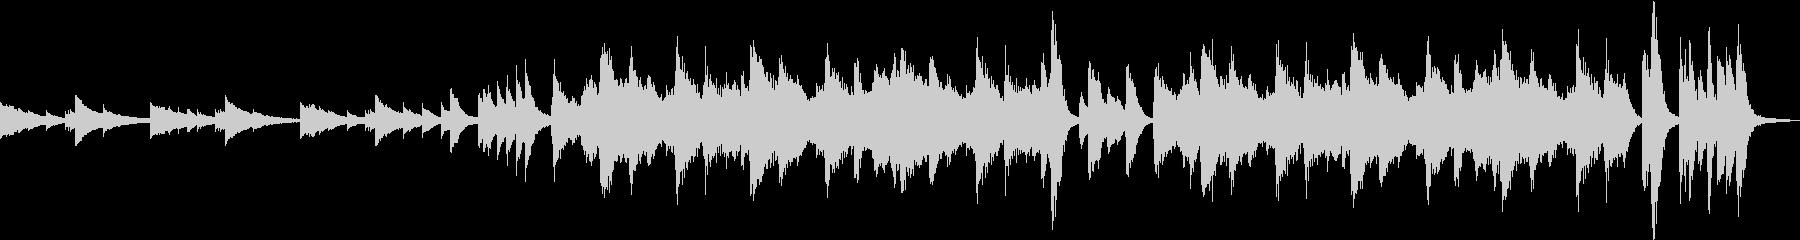 ミステリアスな鉄琴とストリングス 終止の未再生の波形